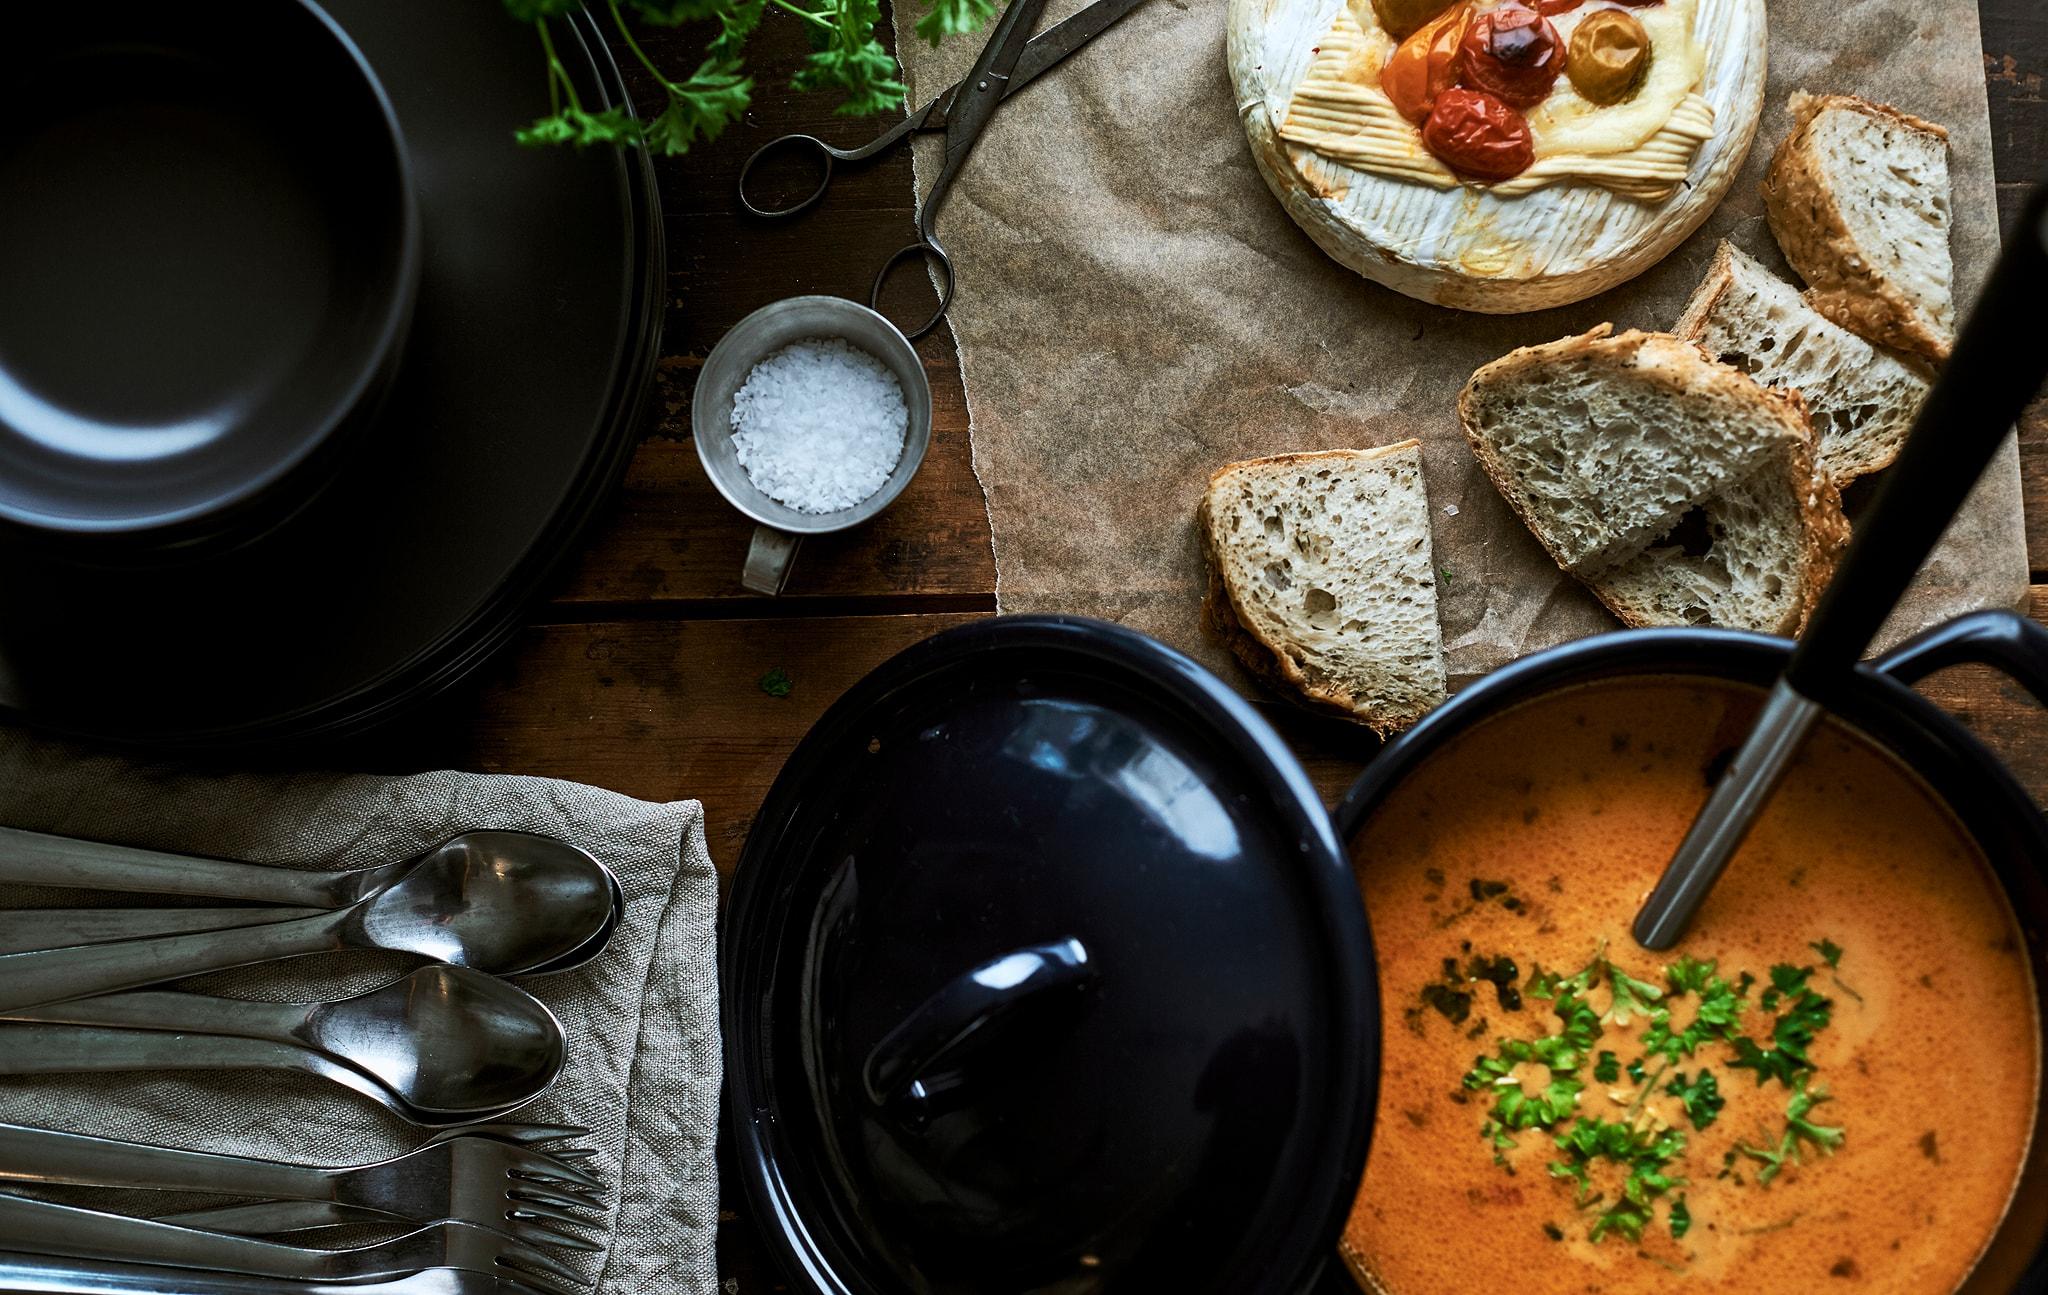 藍色搪瓷鍋內有湯和長勺,旁邊有切片的麵包、焗金文拔芝士、一疊碗碟、餐巾和餐具。